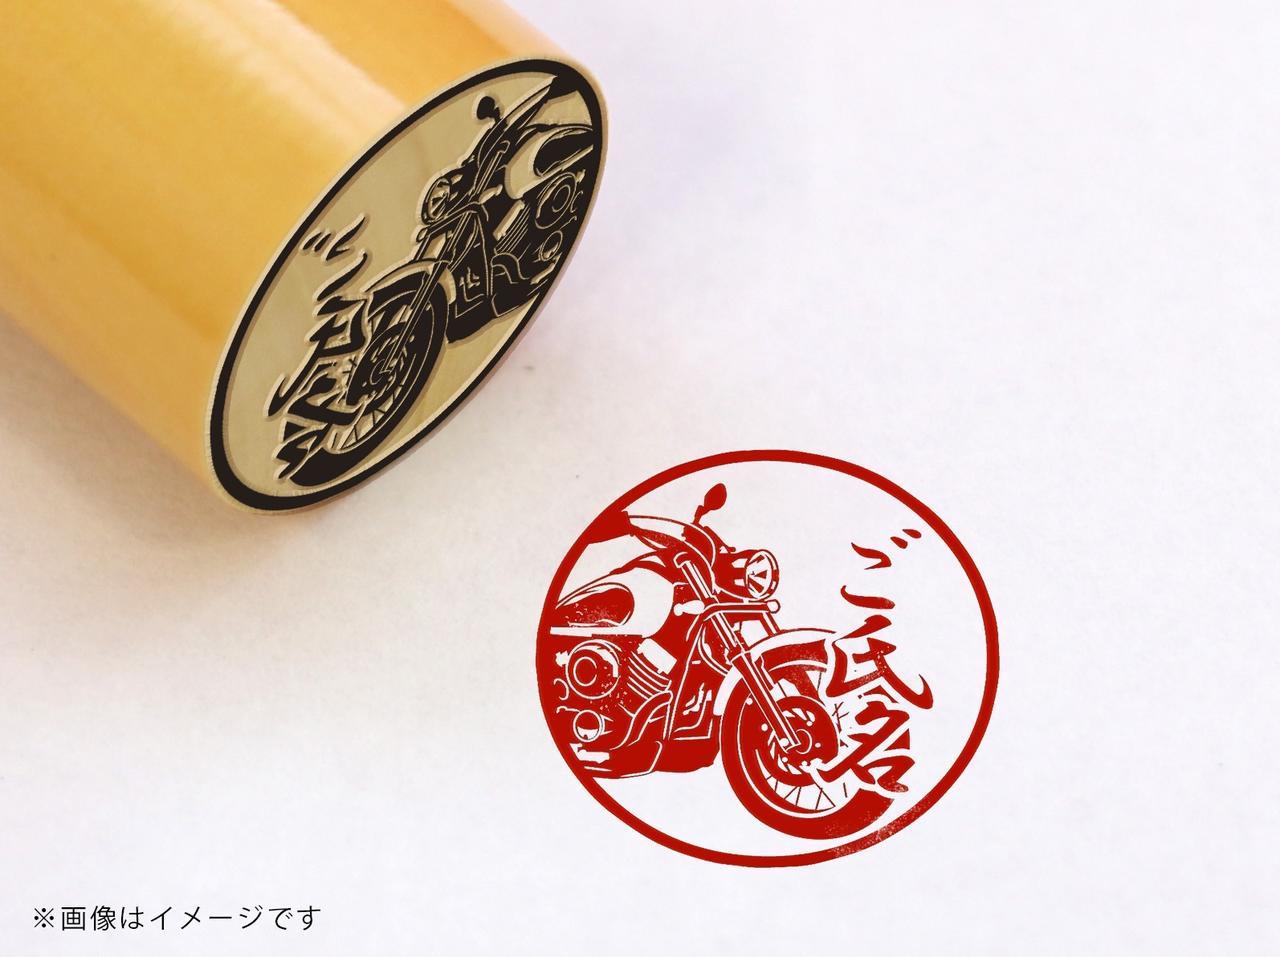 Images : 【YAMAHA】ドラッグスター400・柘植丸印18mm